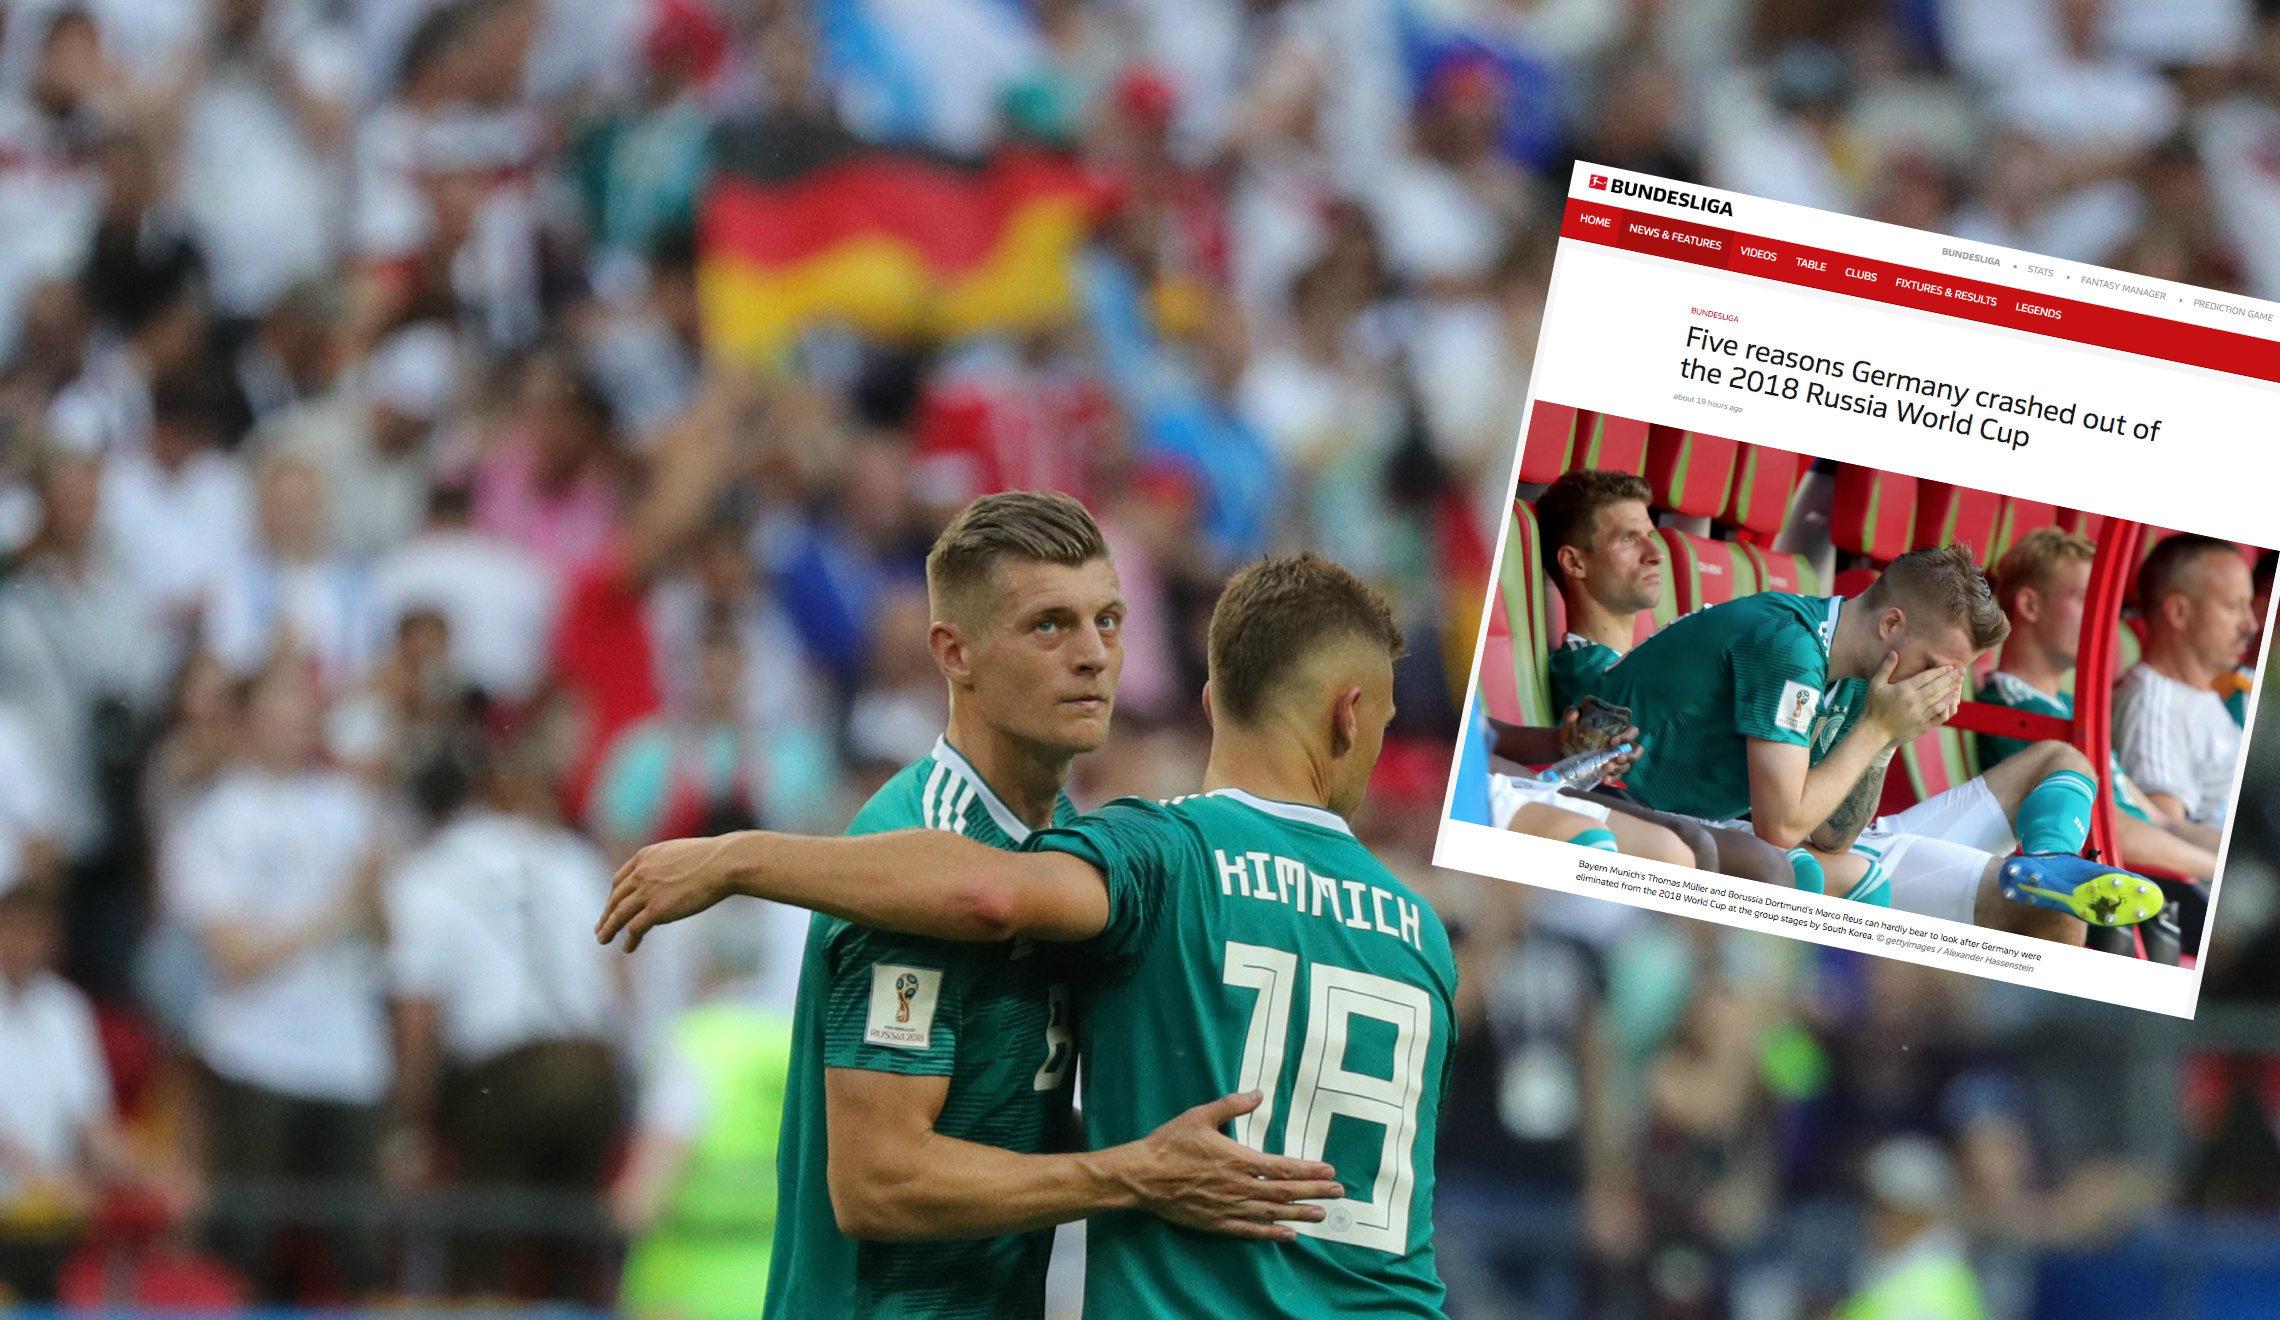 """""""Bundesliga.com"""" rechnet mit Nationalelf ab – dann lässt die DFL den Artikel löschen"""